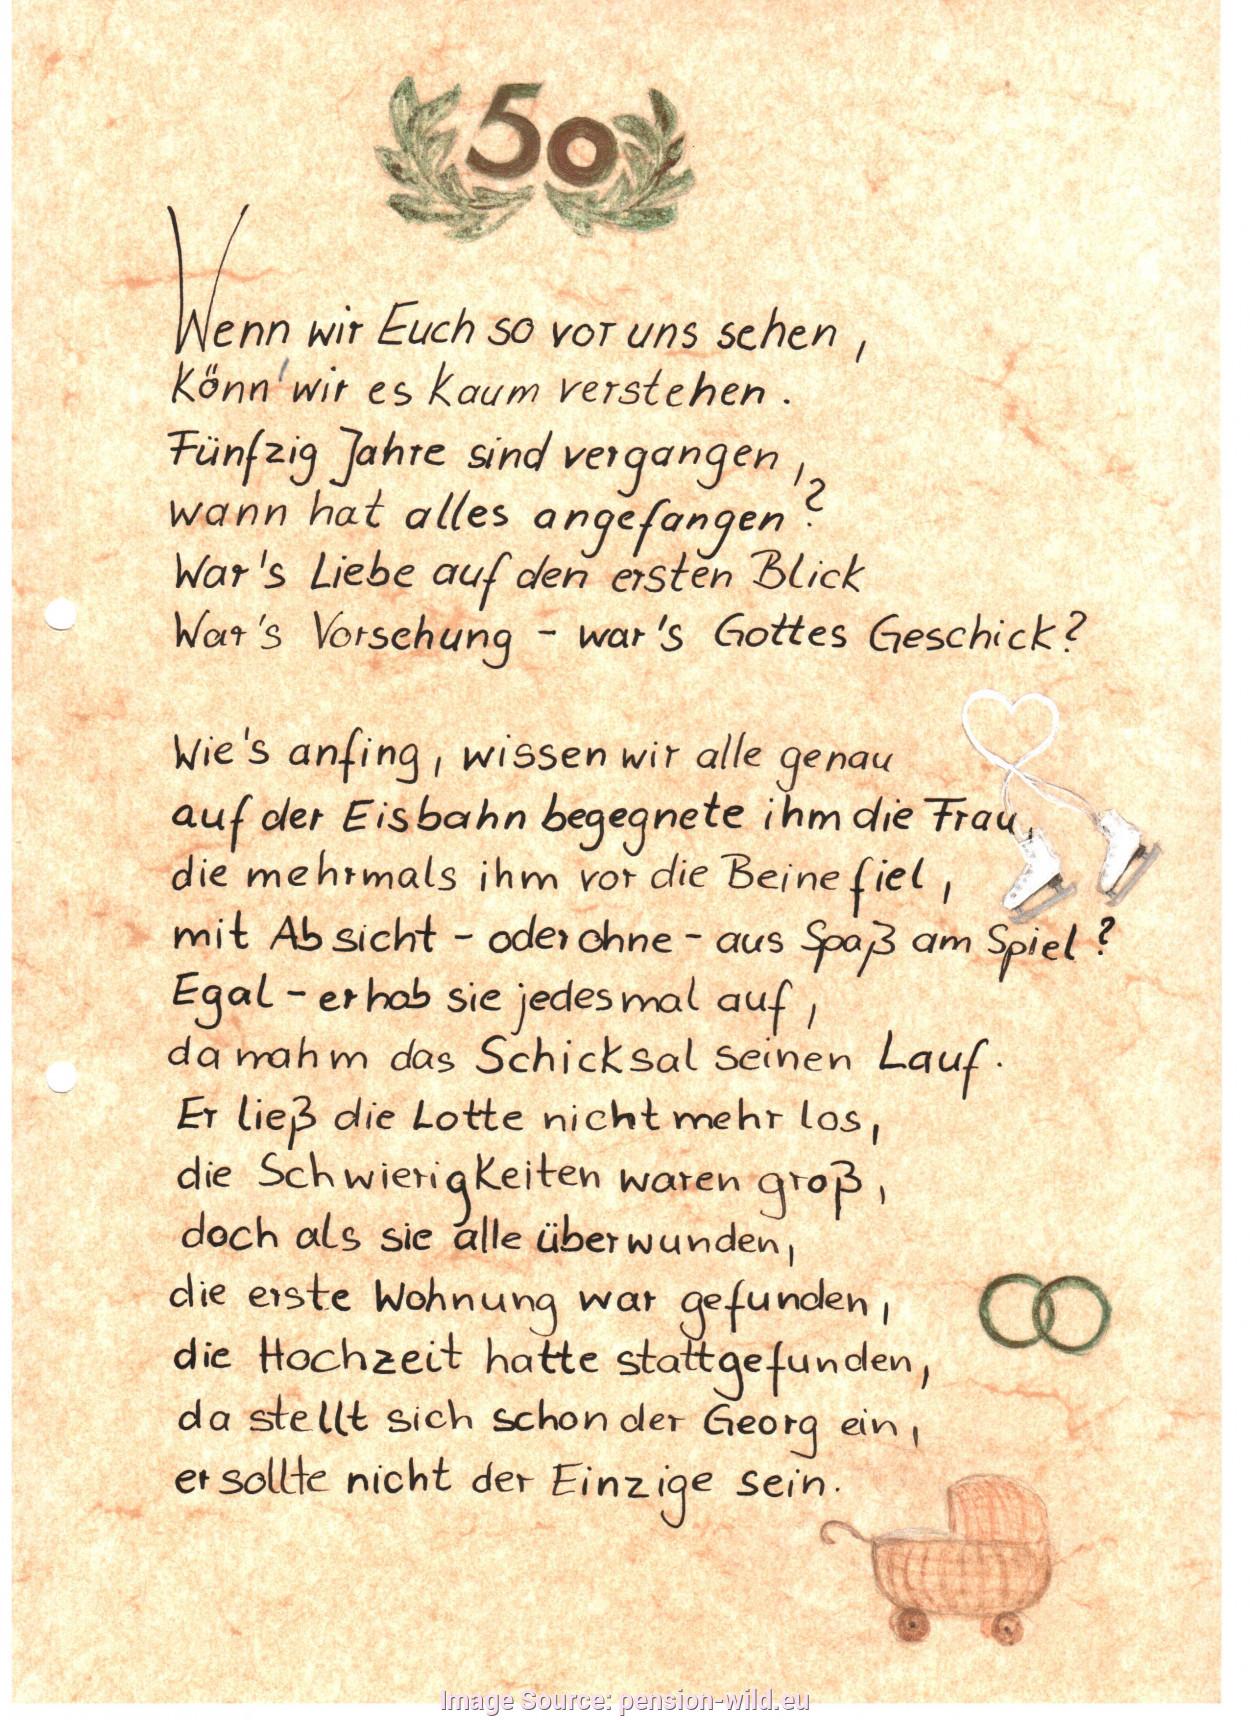 Lustige Vorträge Zur Goldenen Hochzeit  lustige gedichte goldene hochzeit